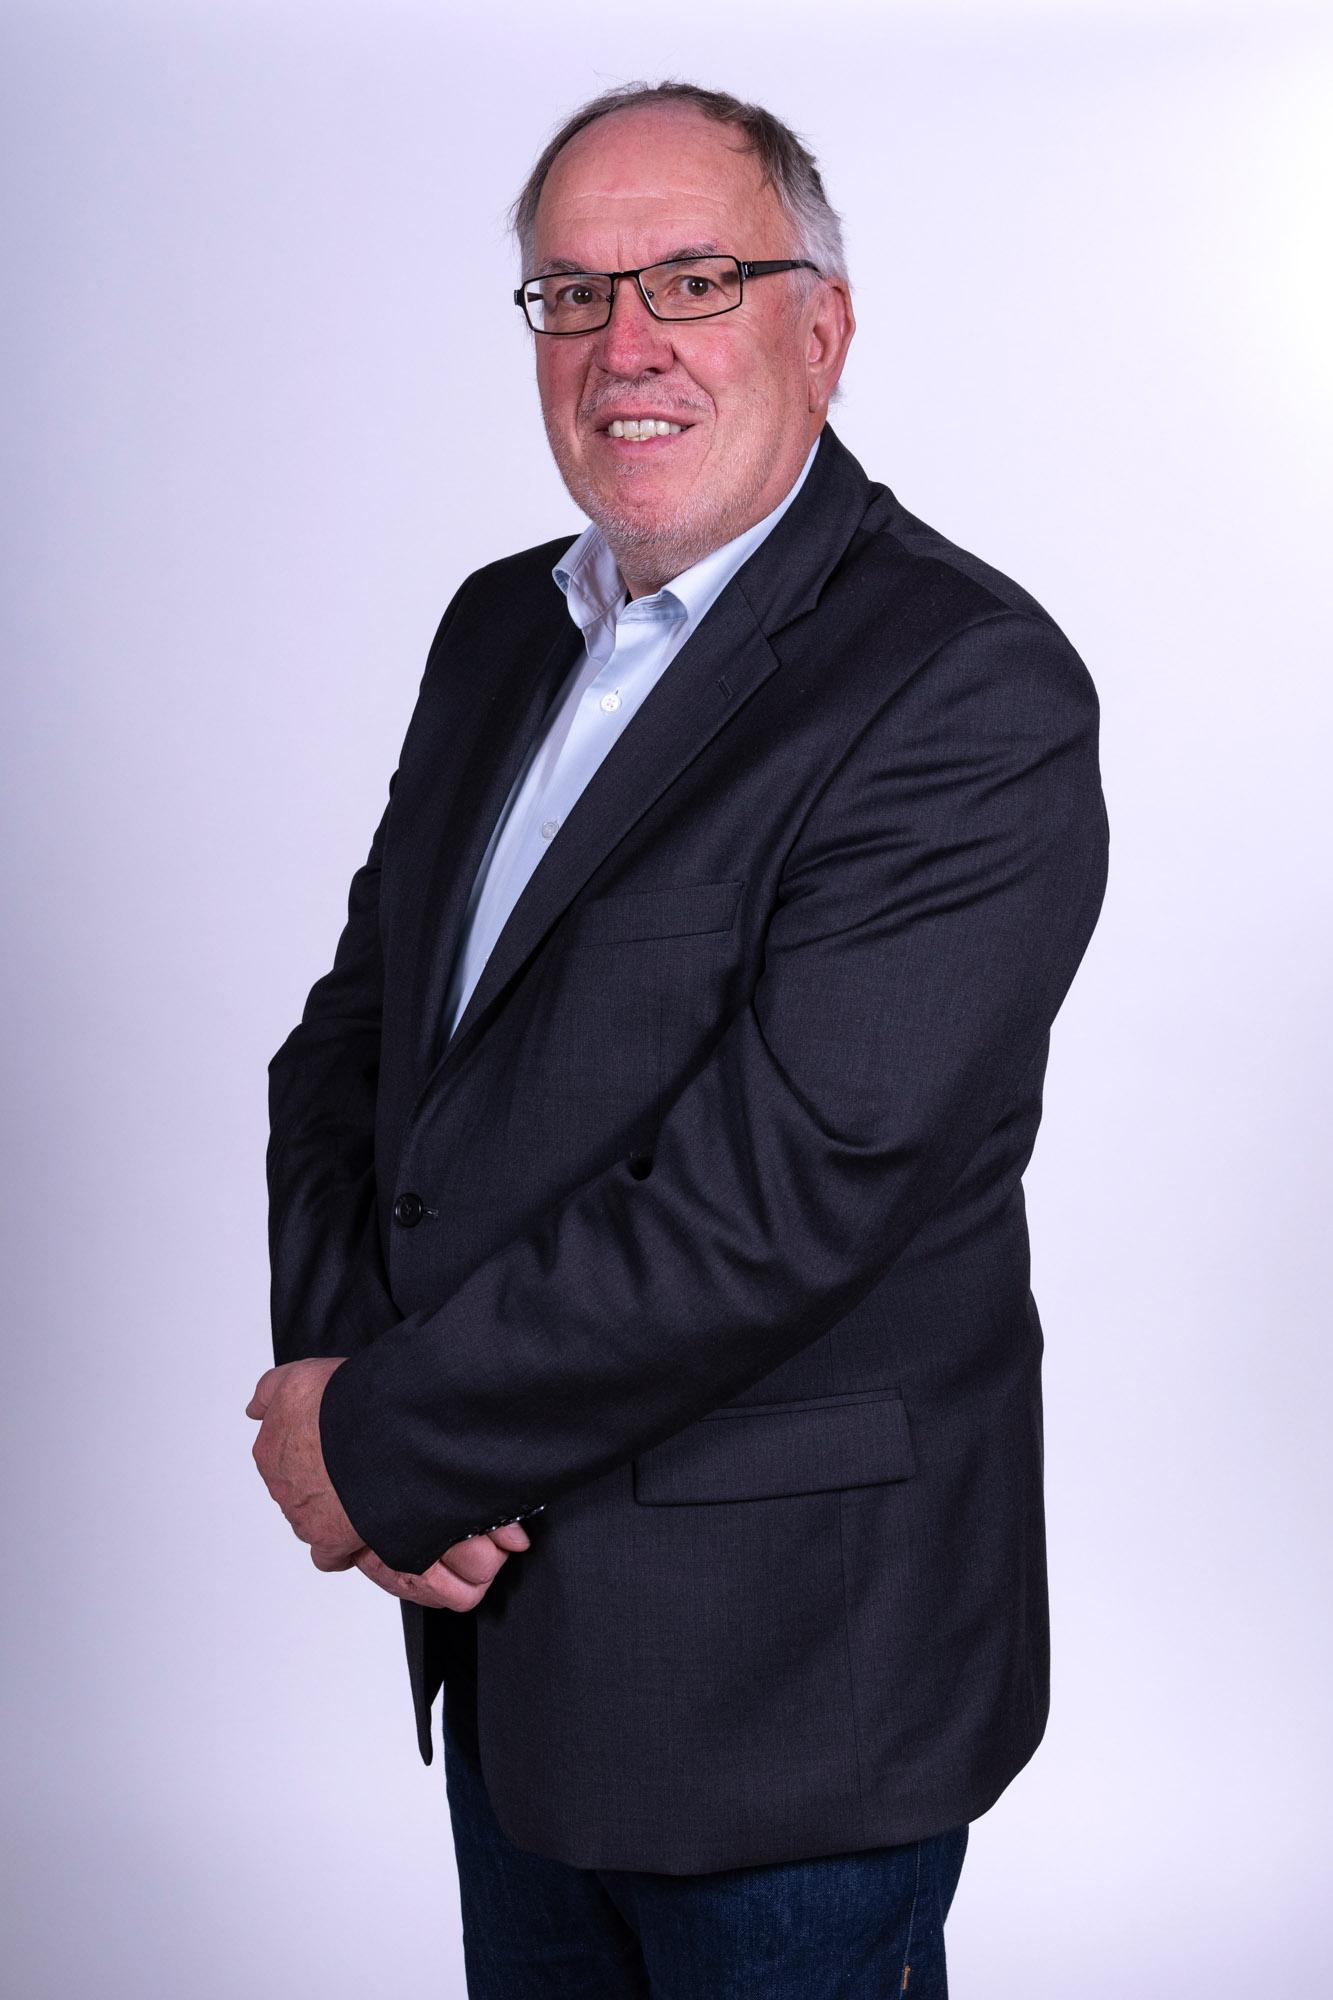 Bernd Spindler